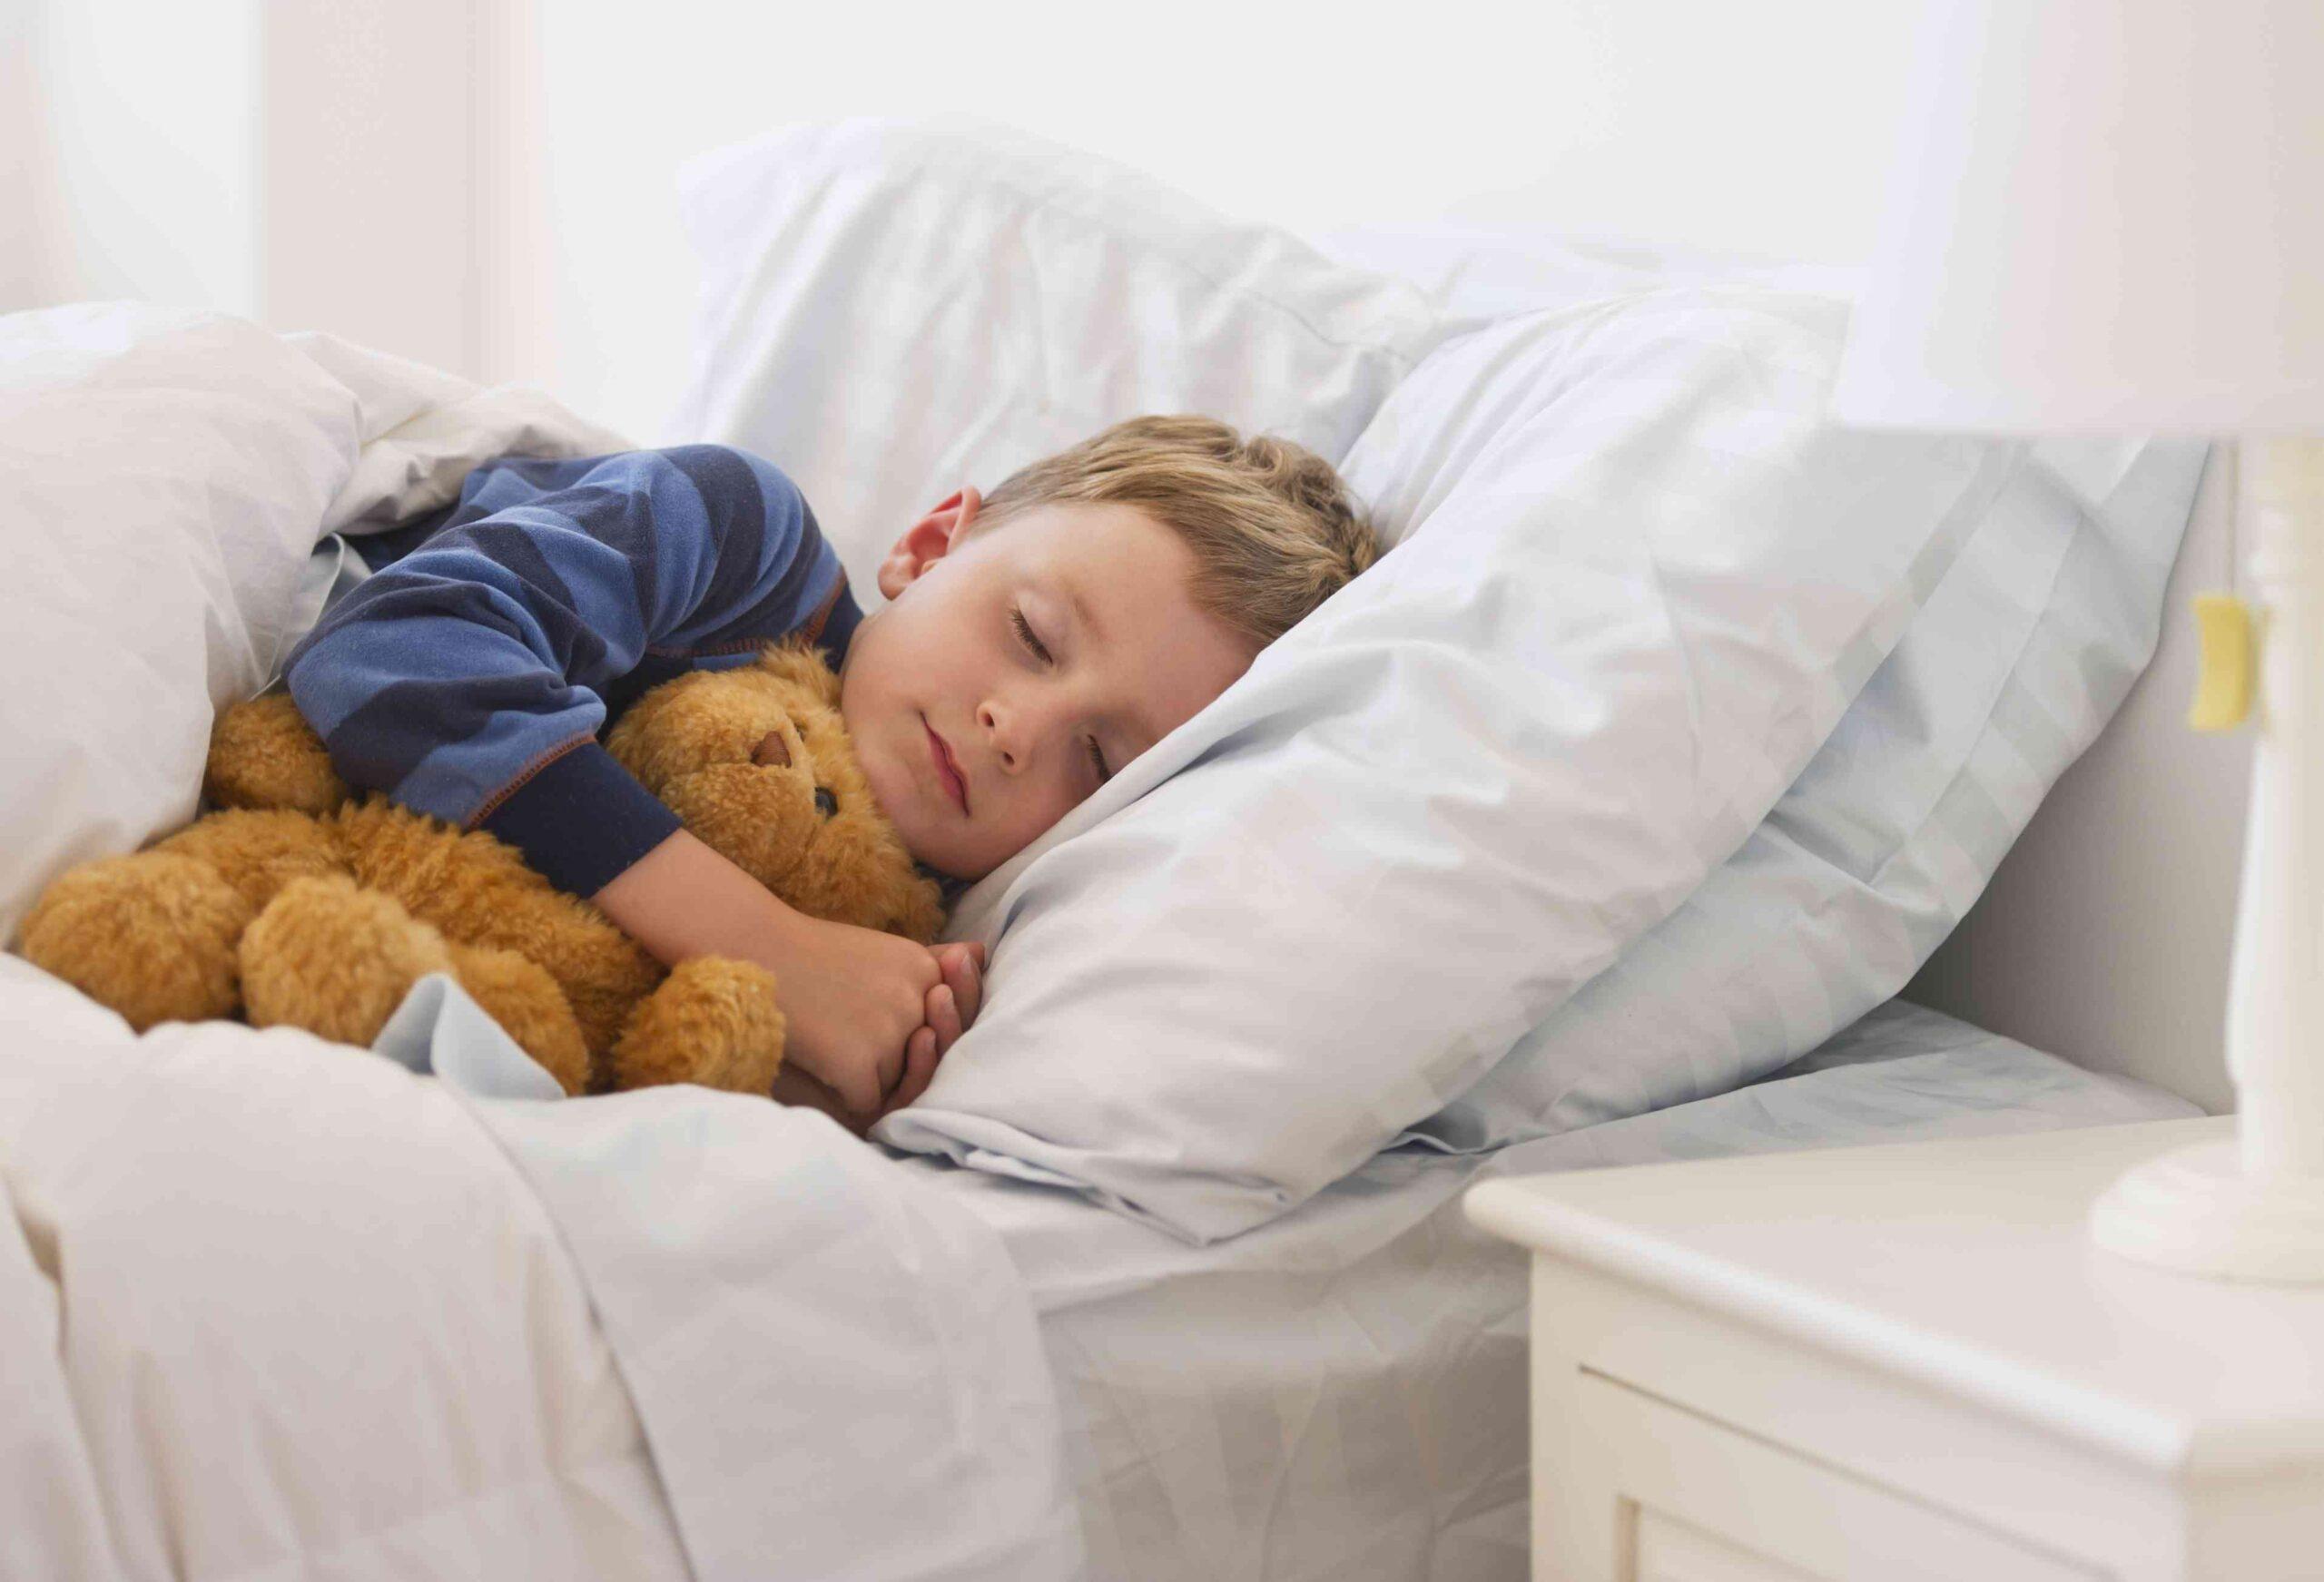 Getty boy sleeping bedroom LARGE TetraImagesDanielGrill 5654aab73df78c6ddf1bd766 scaled -